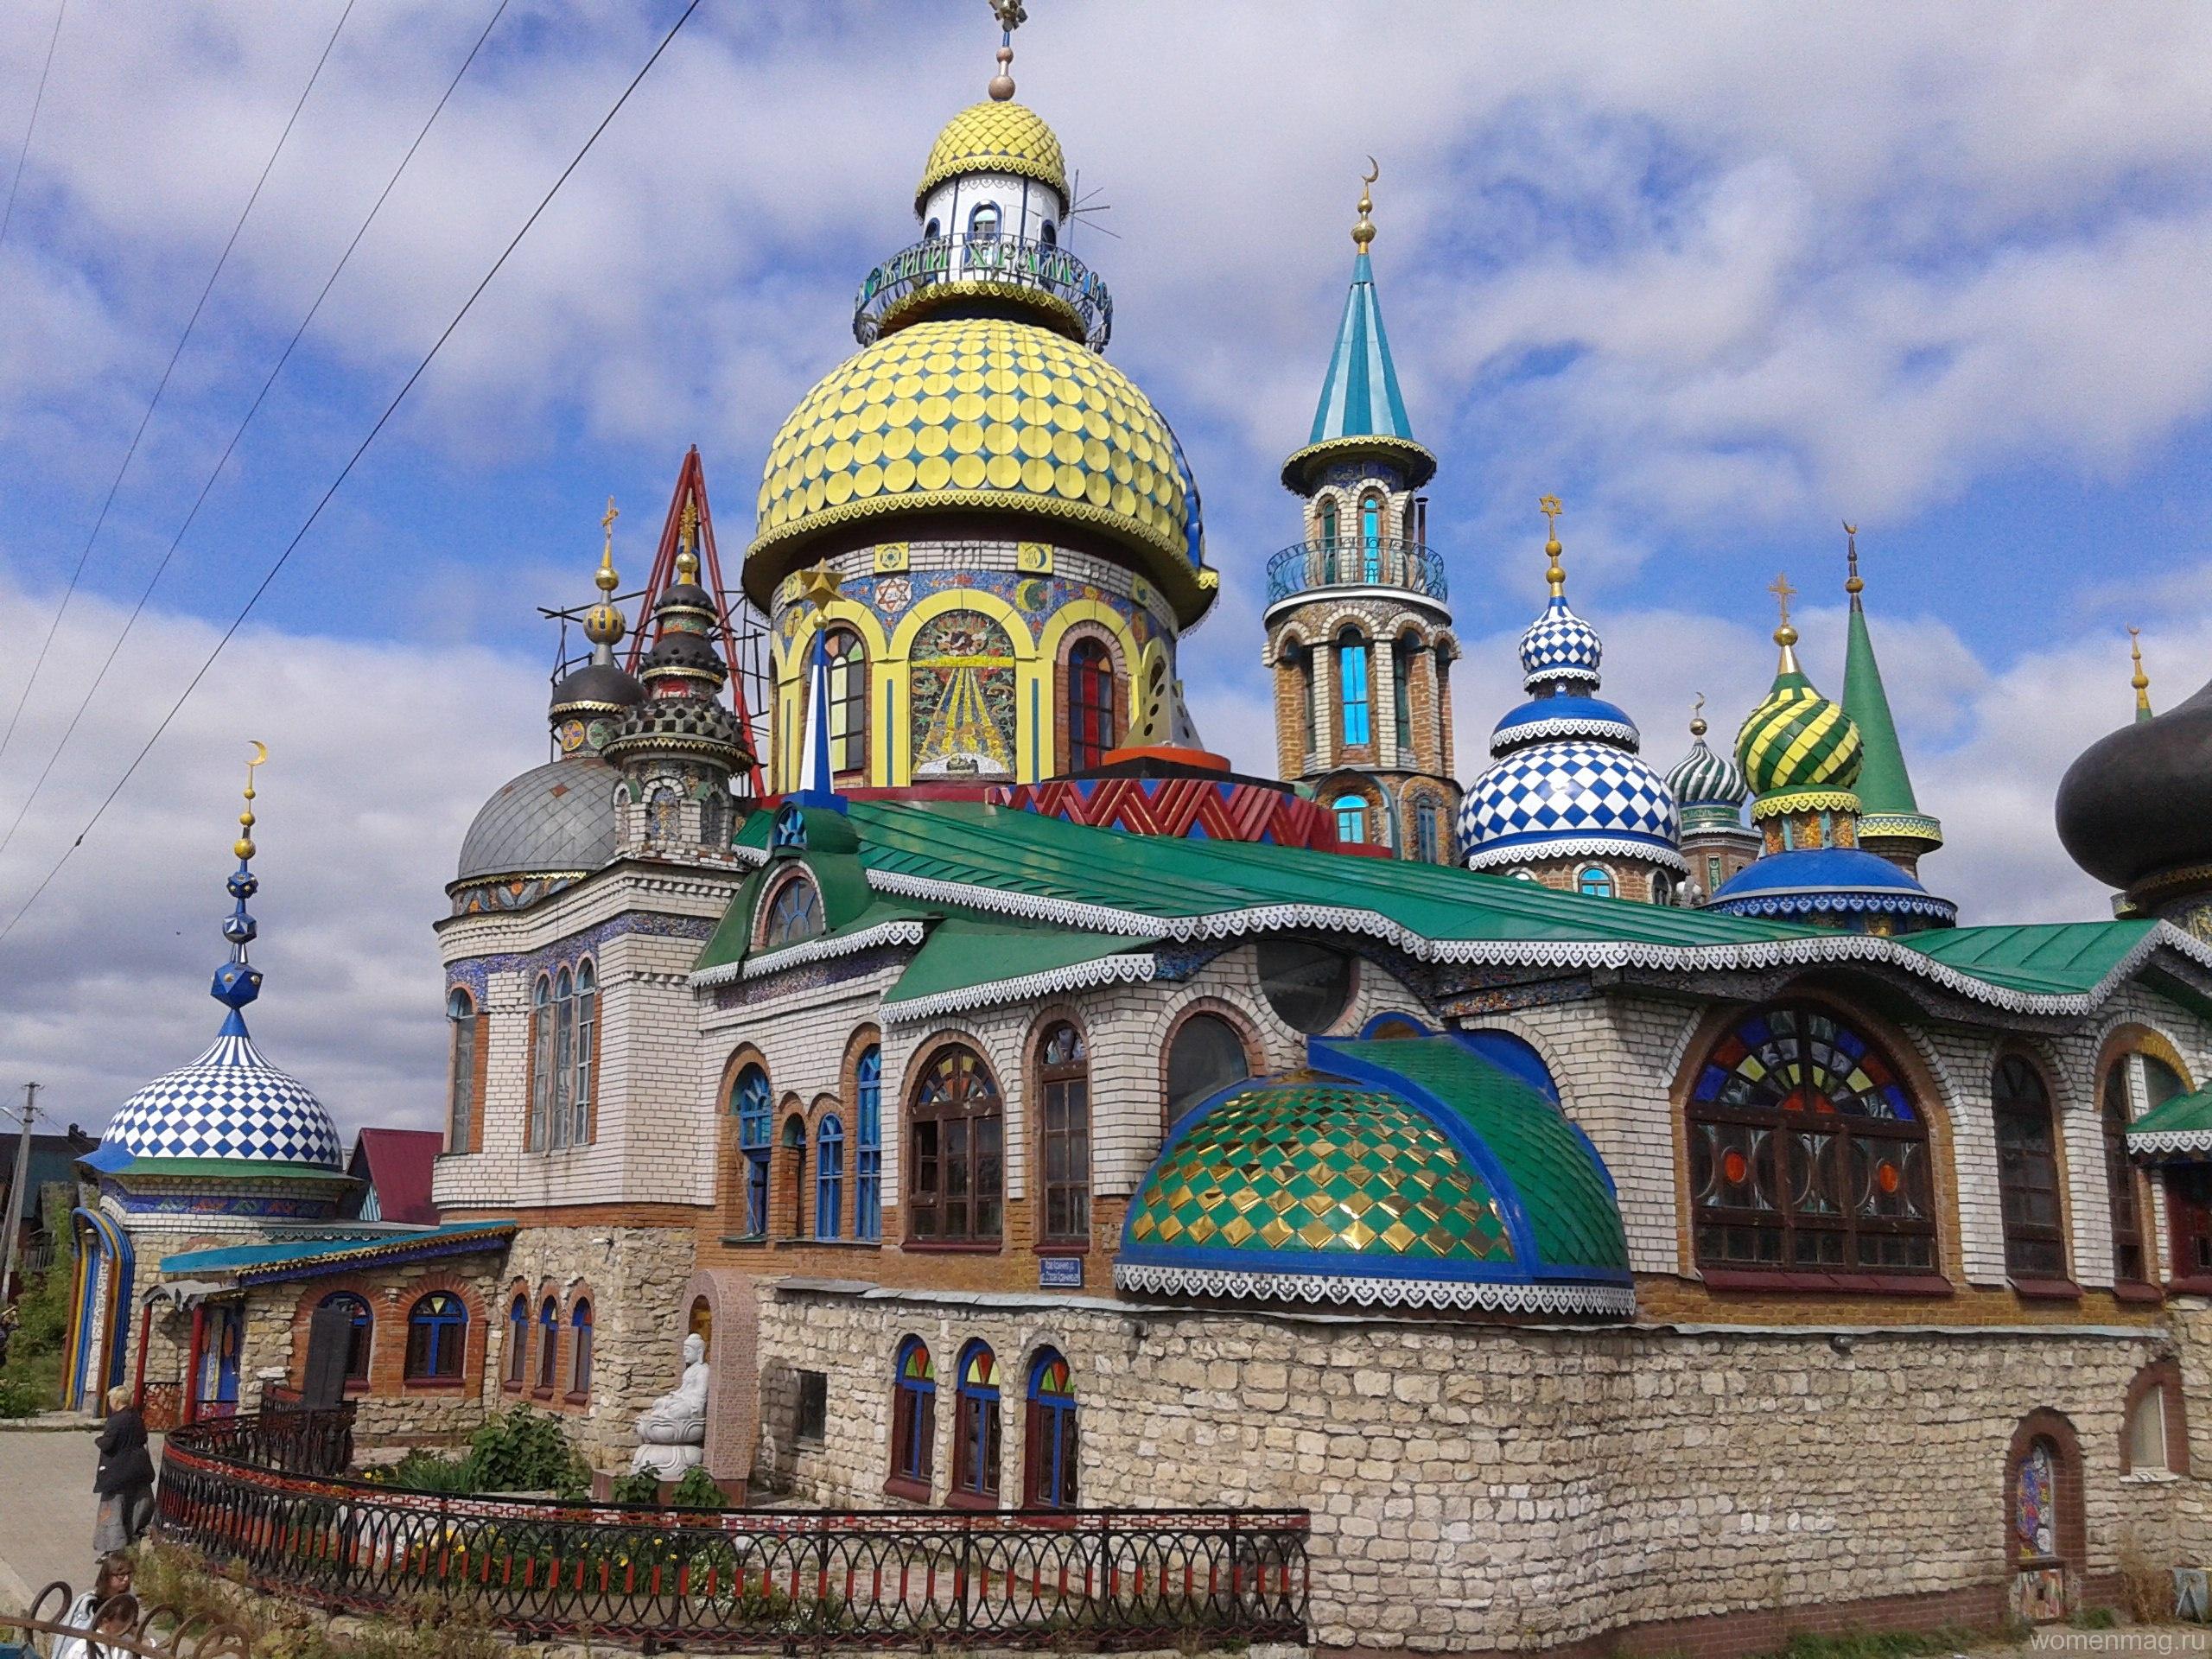 Из Челябинска в Казань на автомобиле. День 5.